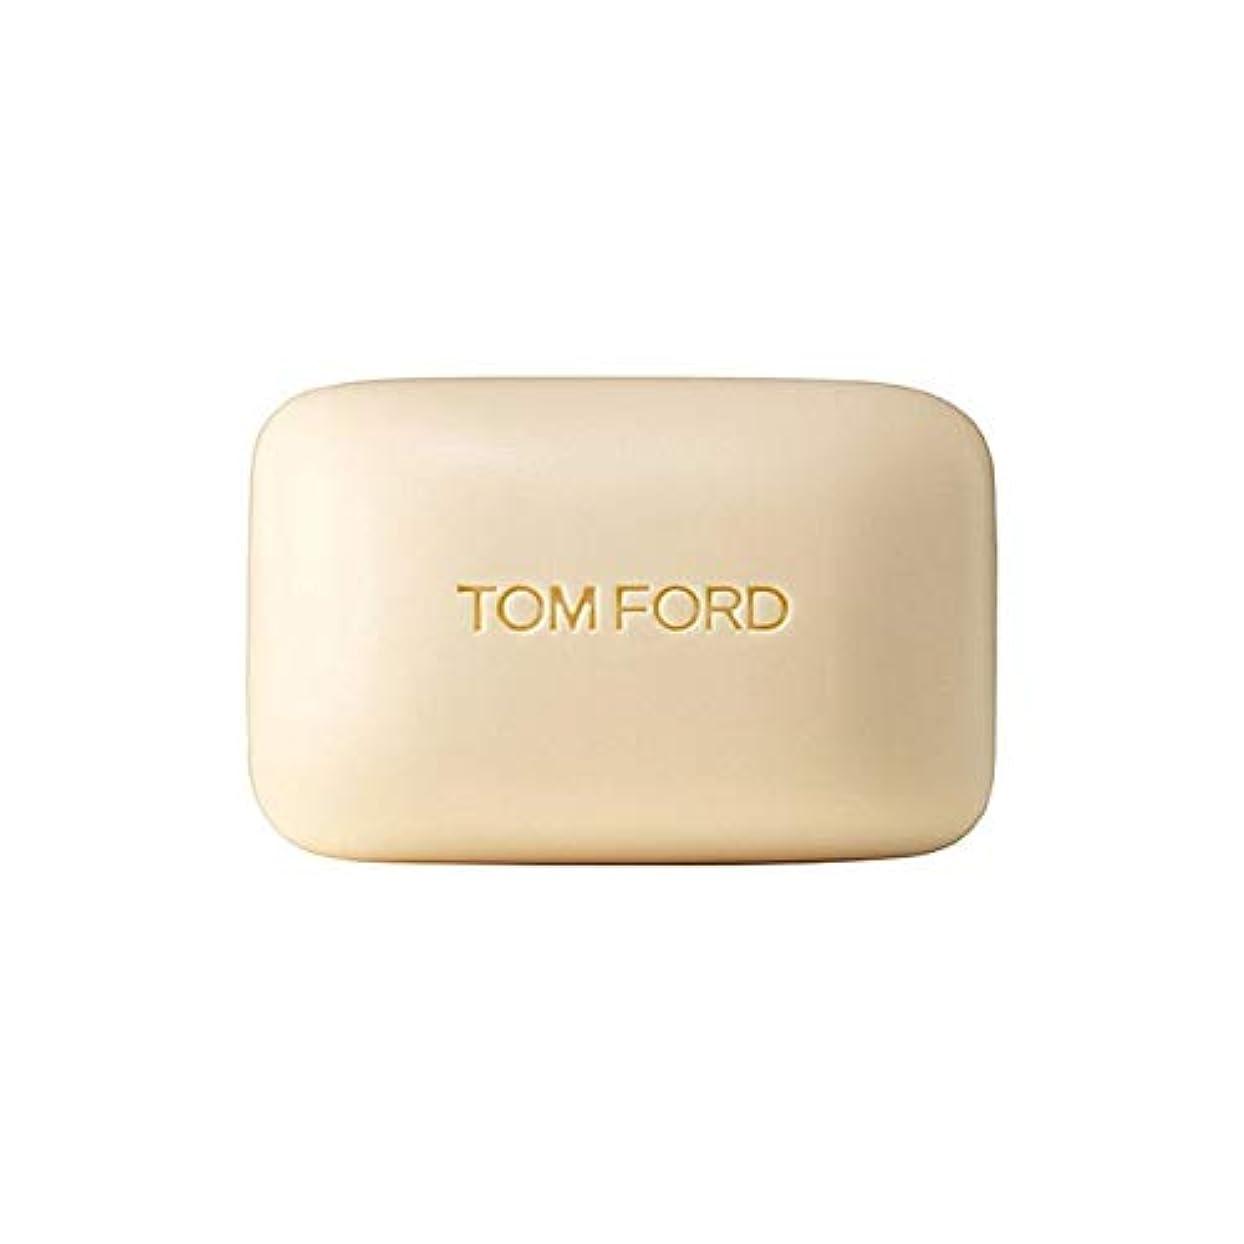 暖かく日帰り旅行に脅迫[Tom Ford] トムフォードジャスミンルージュソープバー150グラム - Tom Ford Jasmin Rouge Soap Bar 150G [並行輸入品]